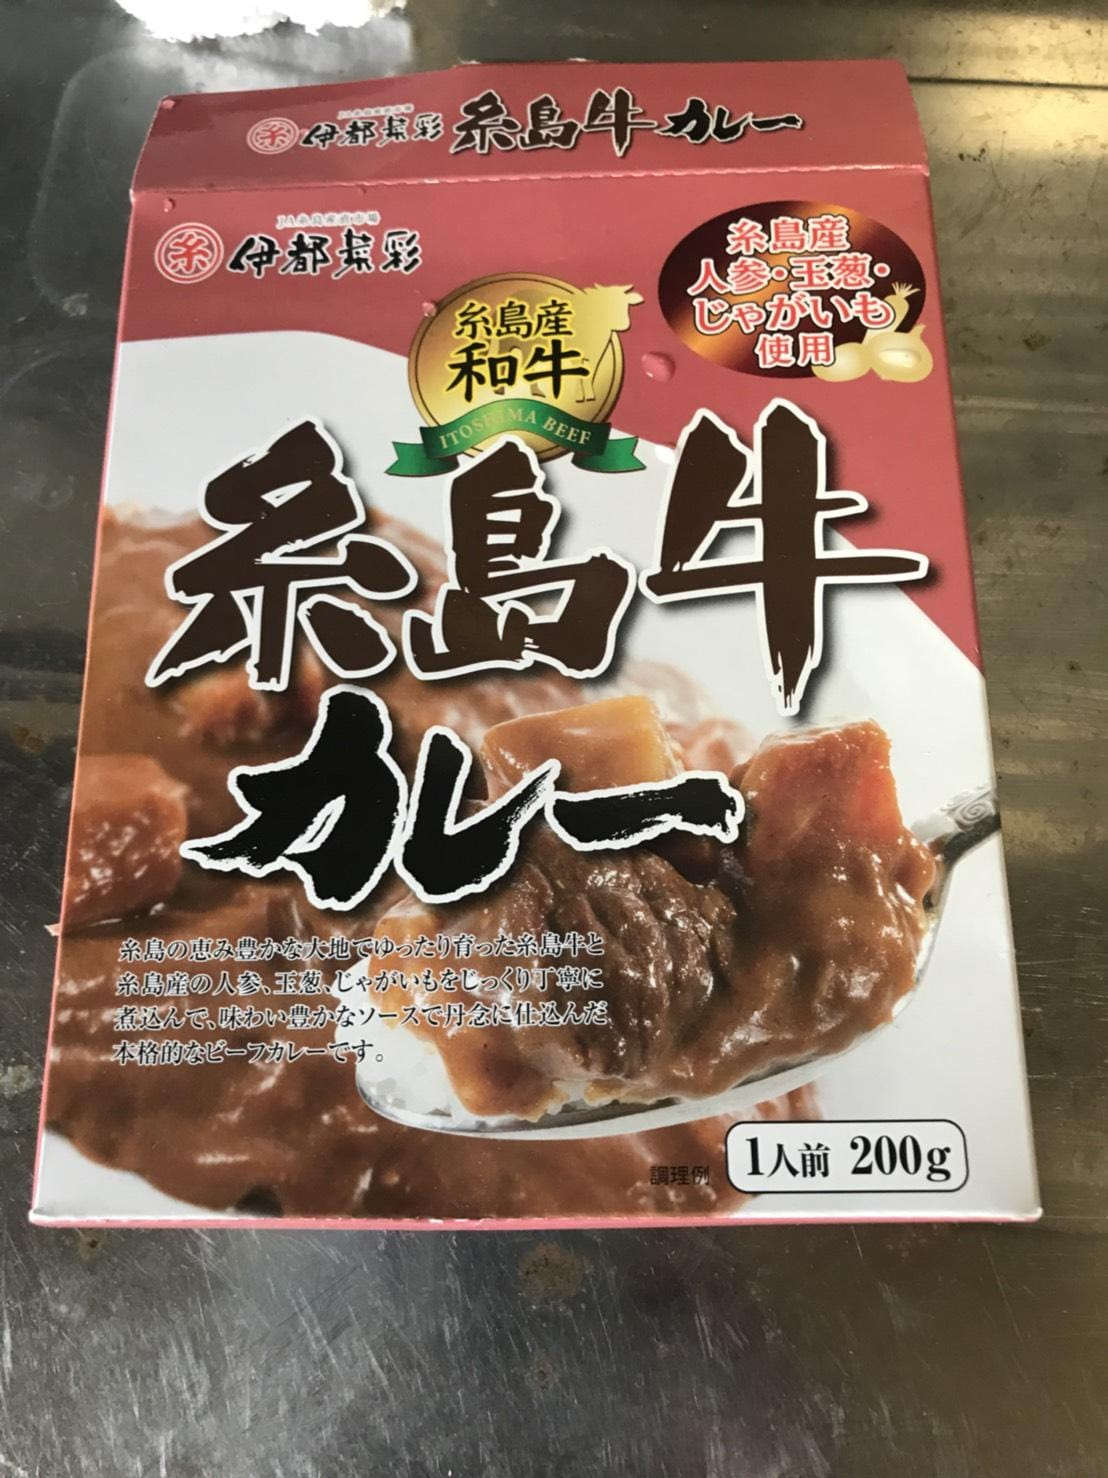 ☆メイサ☆MEISA☆「糸島牛カレー」07/19(木) 17:03   ☆メイサ☆MEISA☆の写メ・風俗動画